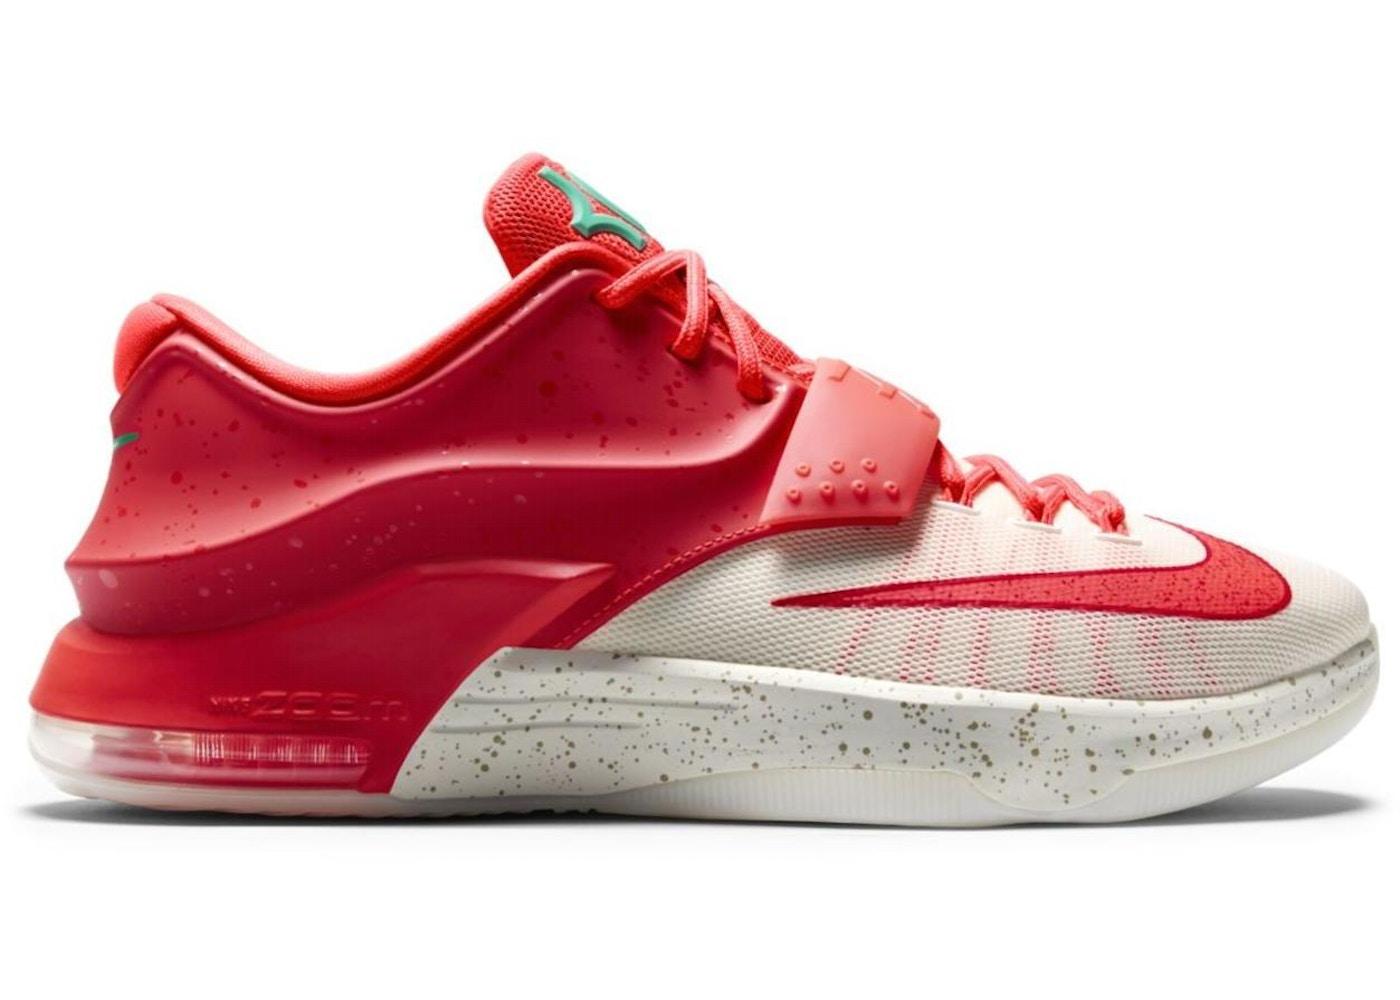 Buy Nike KD 7 Shoes & Deadstock Sneakers